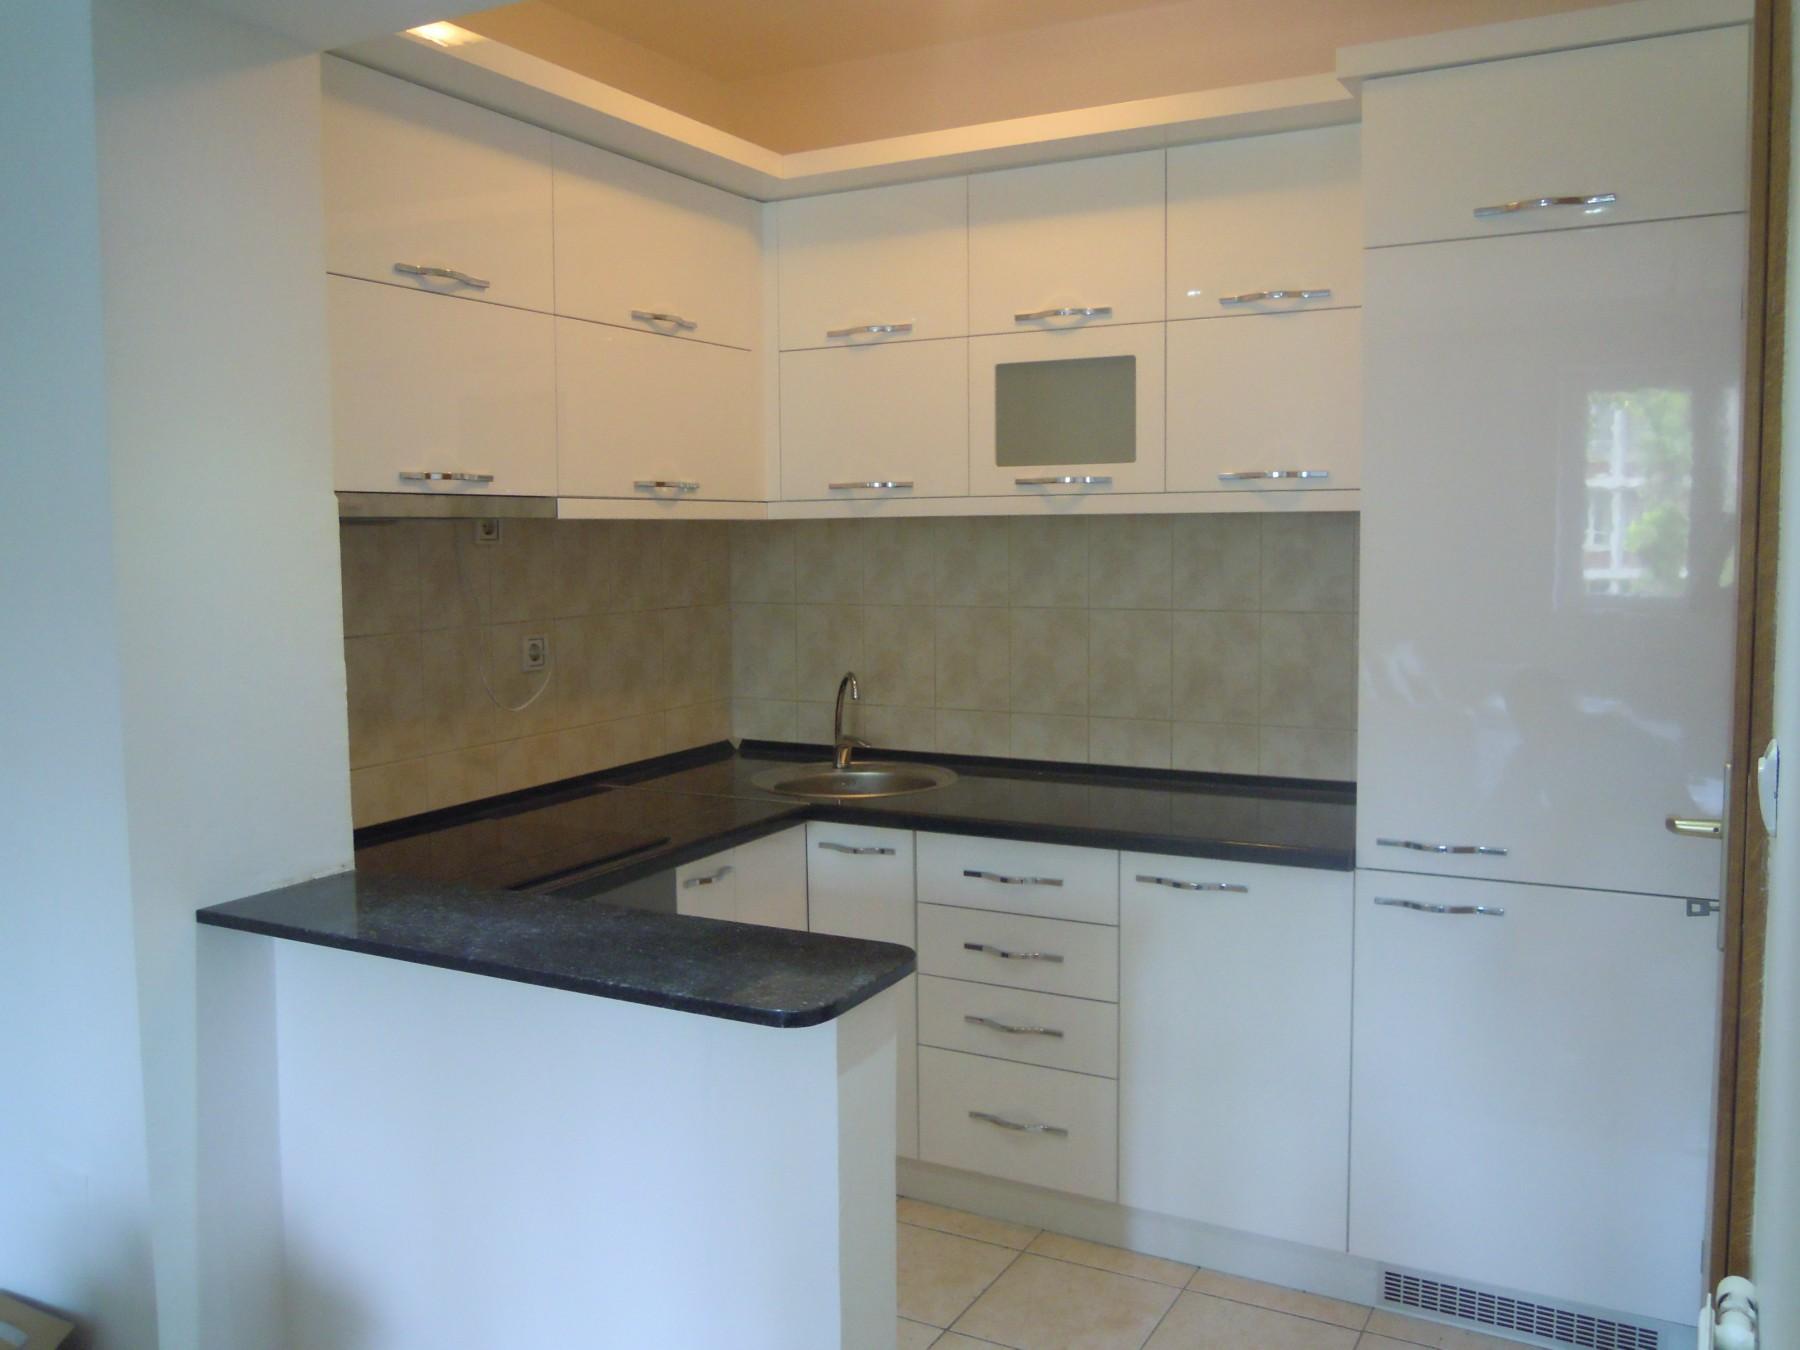 farbanje kuhinje namestaja 24916713. Black Bedroom Furniture Sets. Home Design Ideas